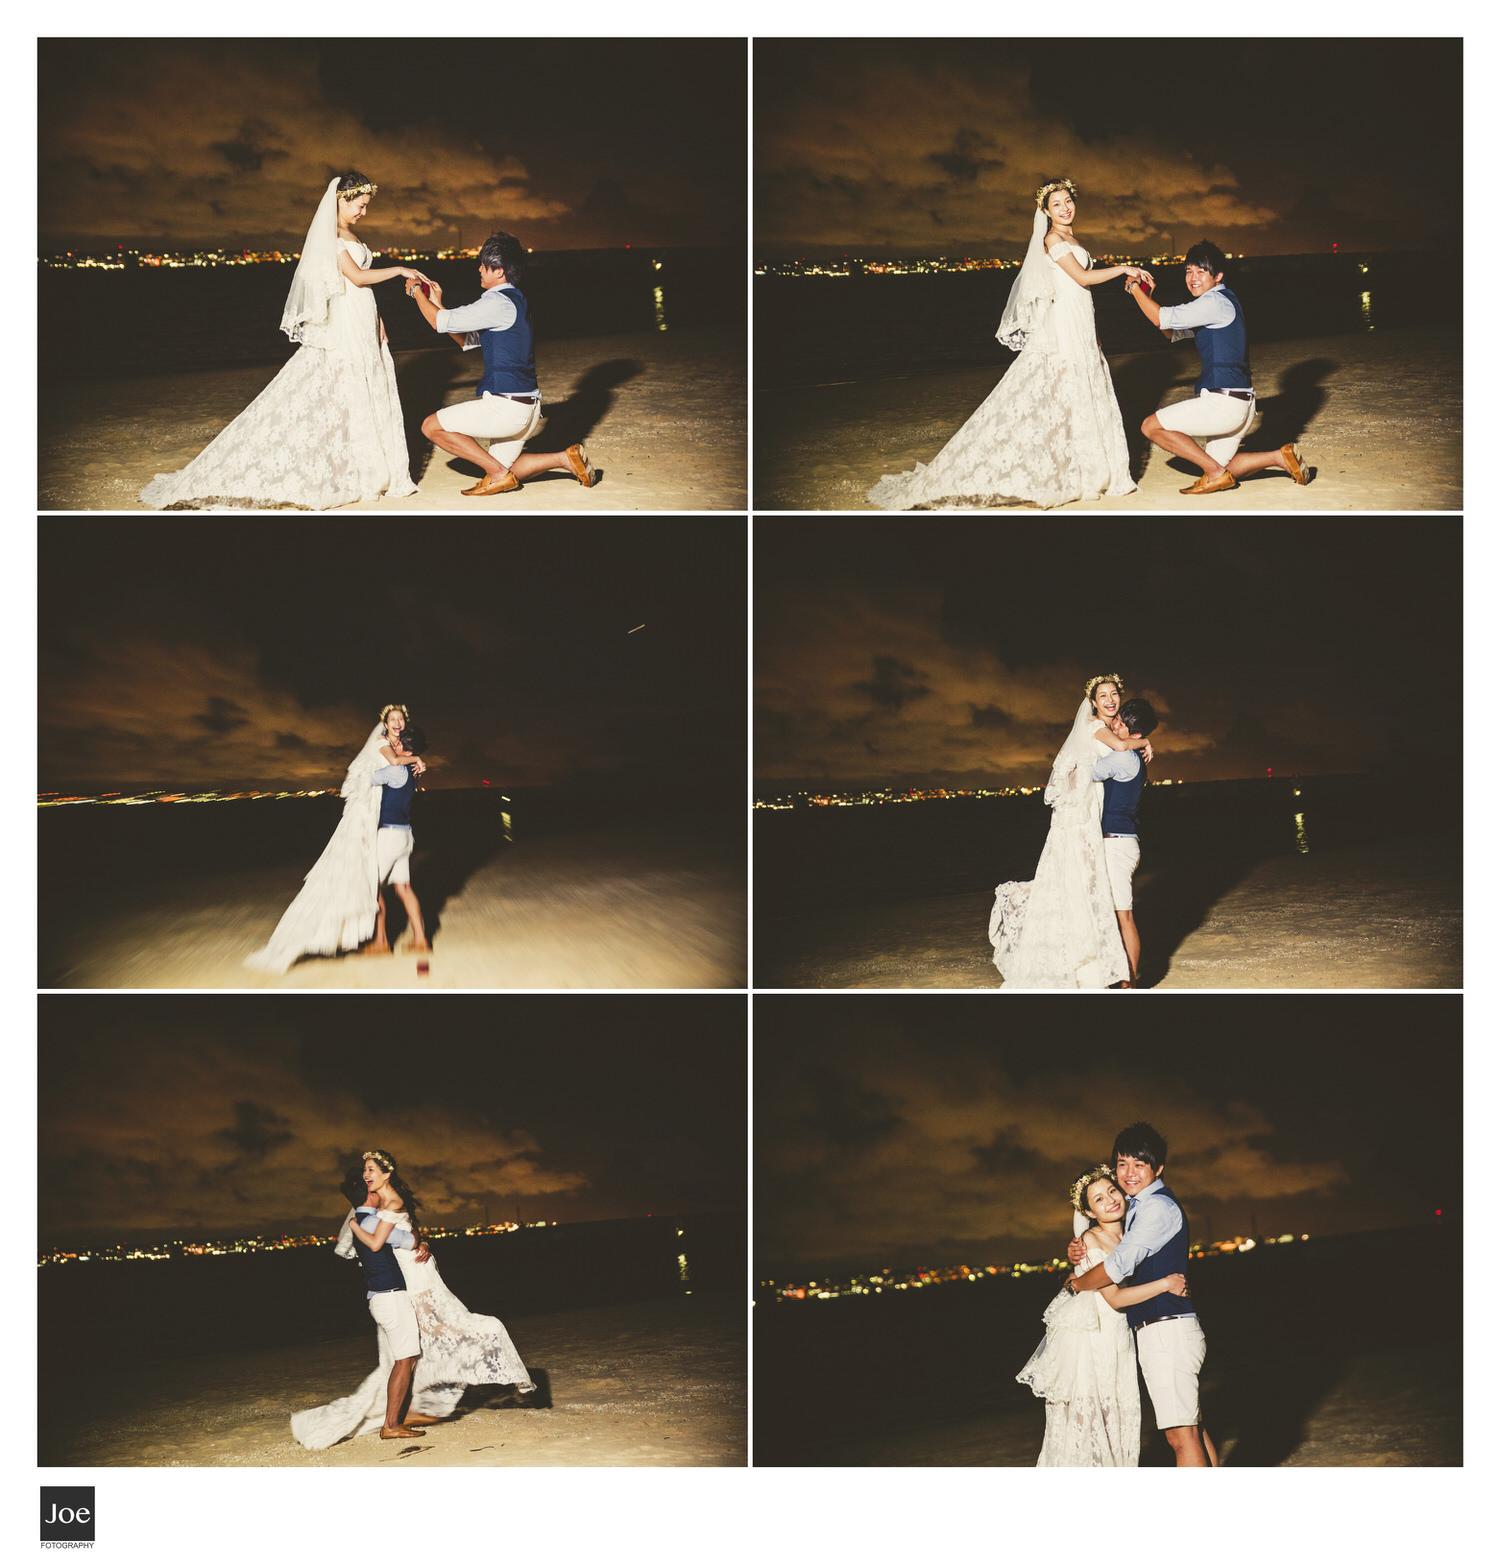 暗中計畫的求婚橋段,雖天已黑,但還是愛意滿滿😍